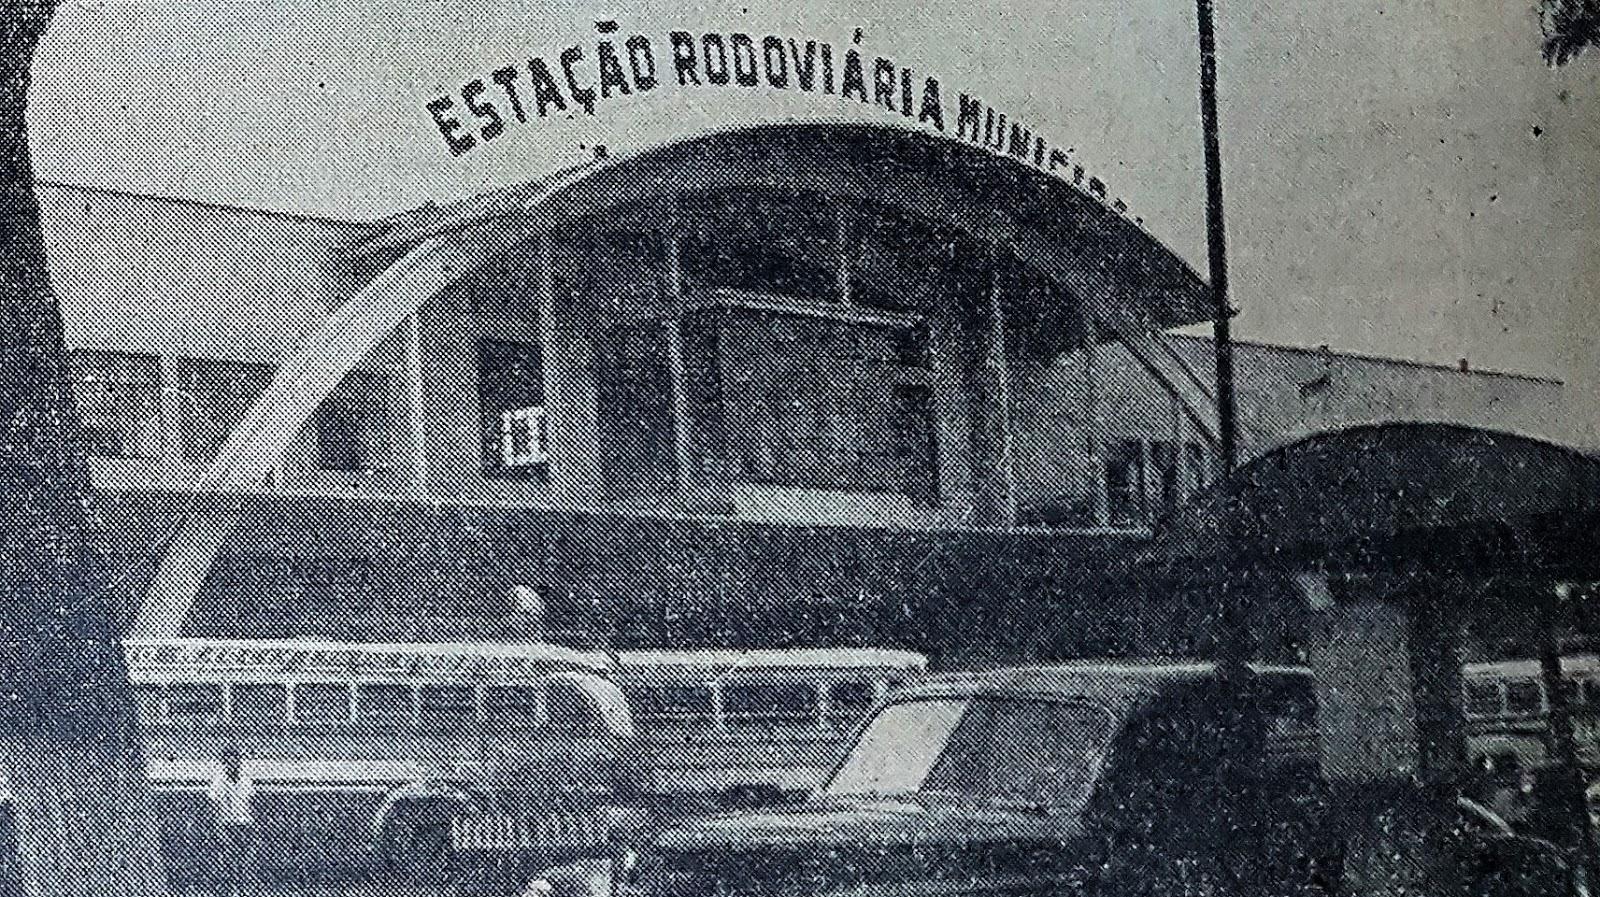 Movimento de passageiros na Estação Rodoviária - 1964